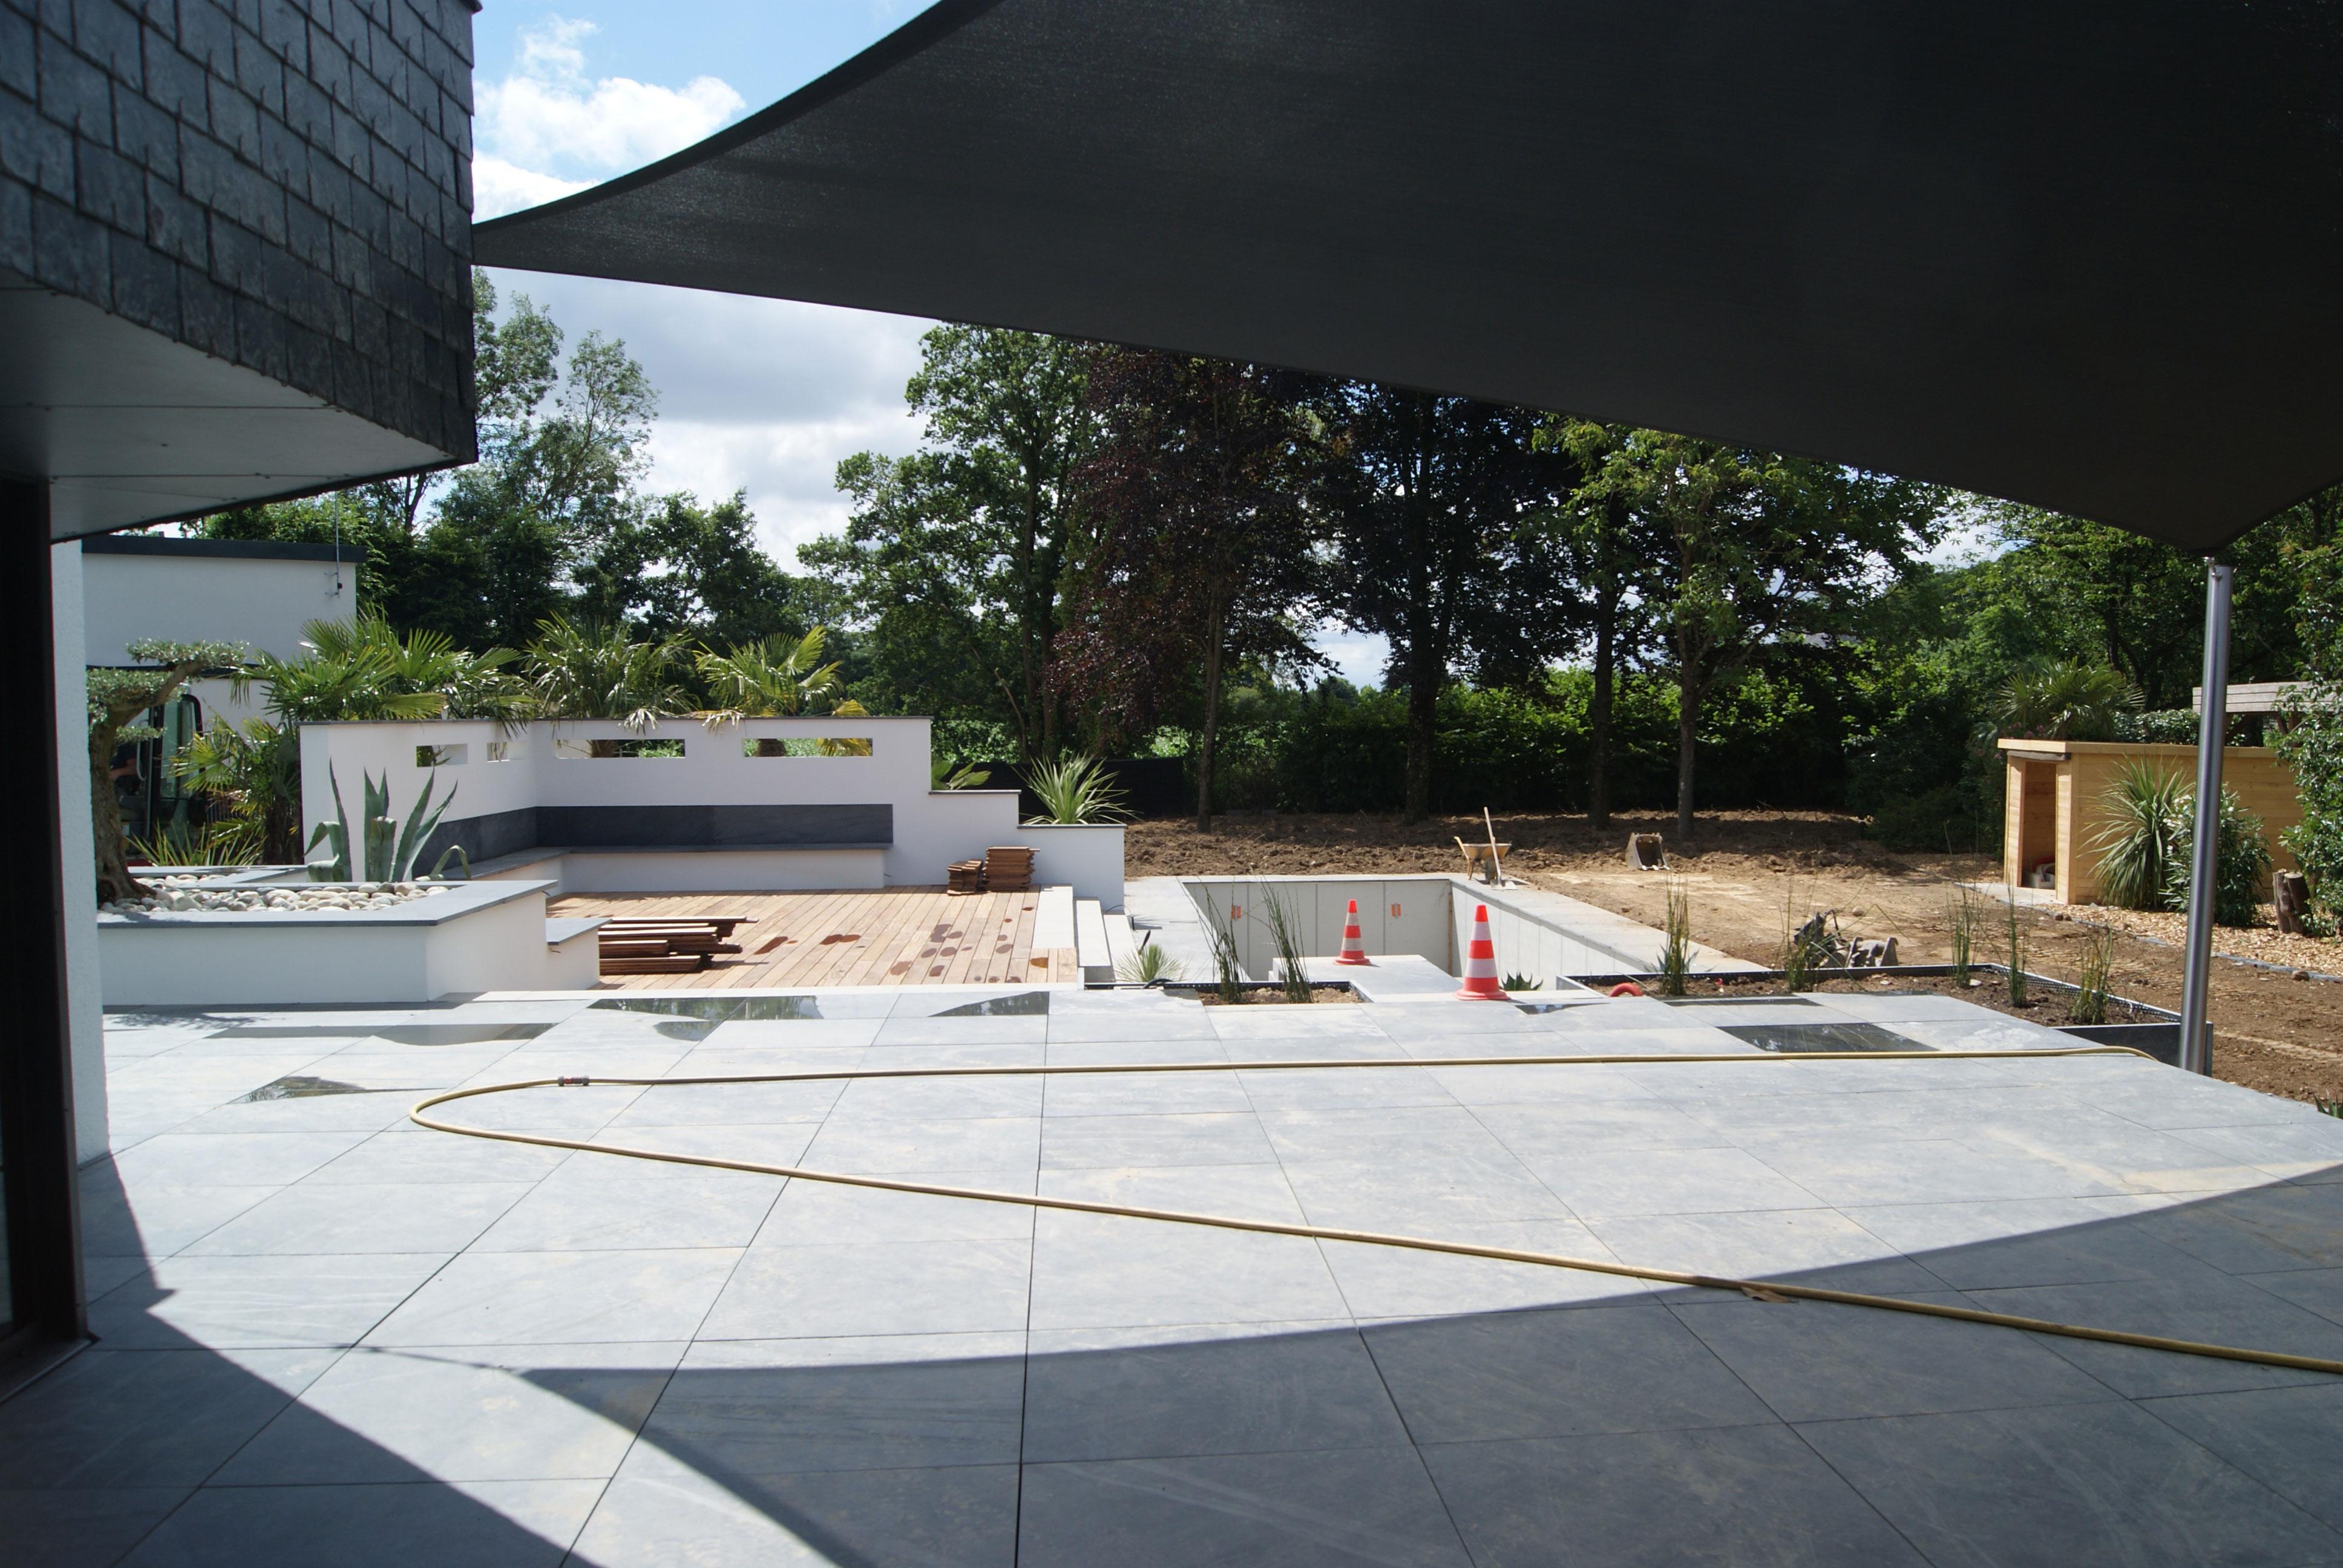 Terrasse pierre naturelle. voile d'ombrage. Jardin contemporain. Jardins des 4 Saisons. Guer, Ploërmel, Redon, Plélan-Le-Grand, Maure de Bretagne